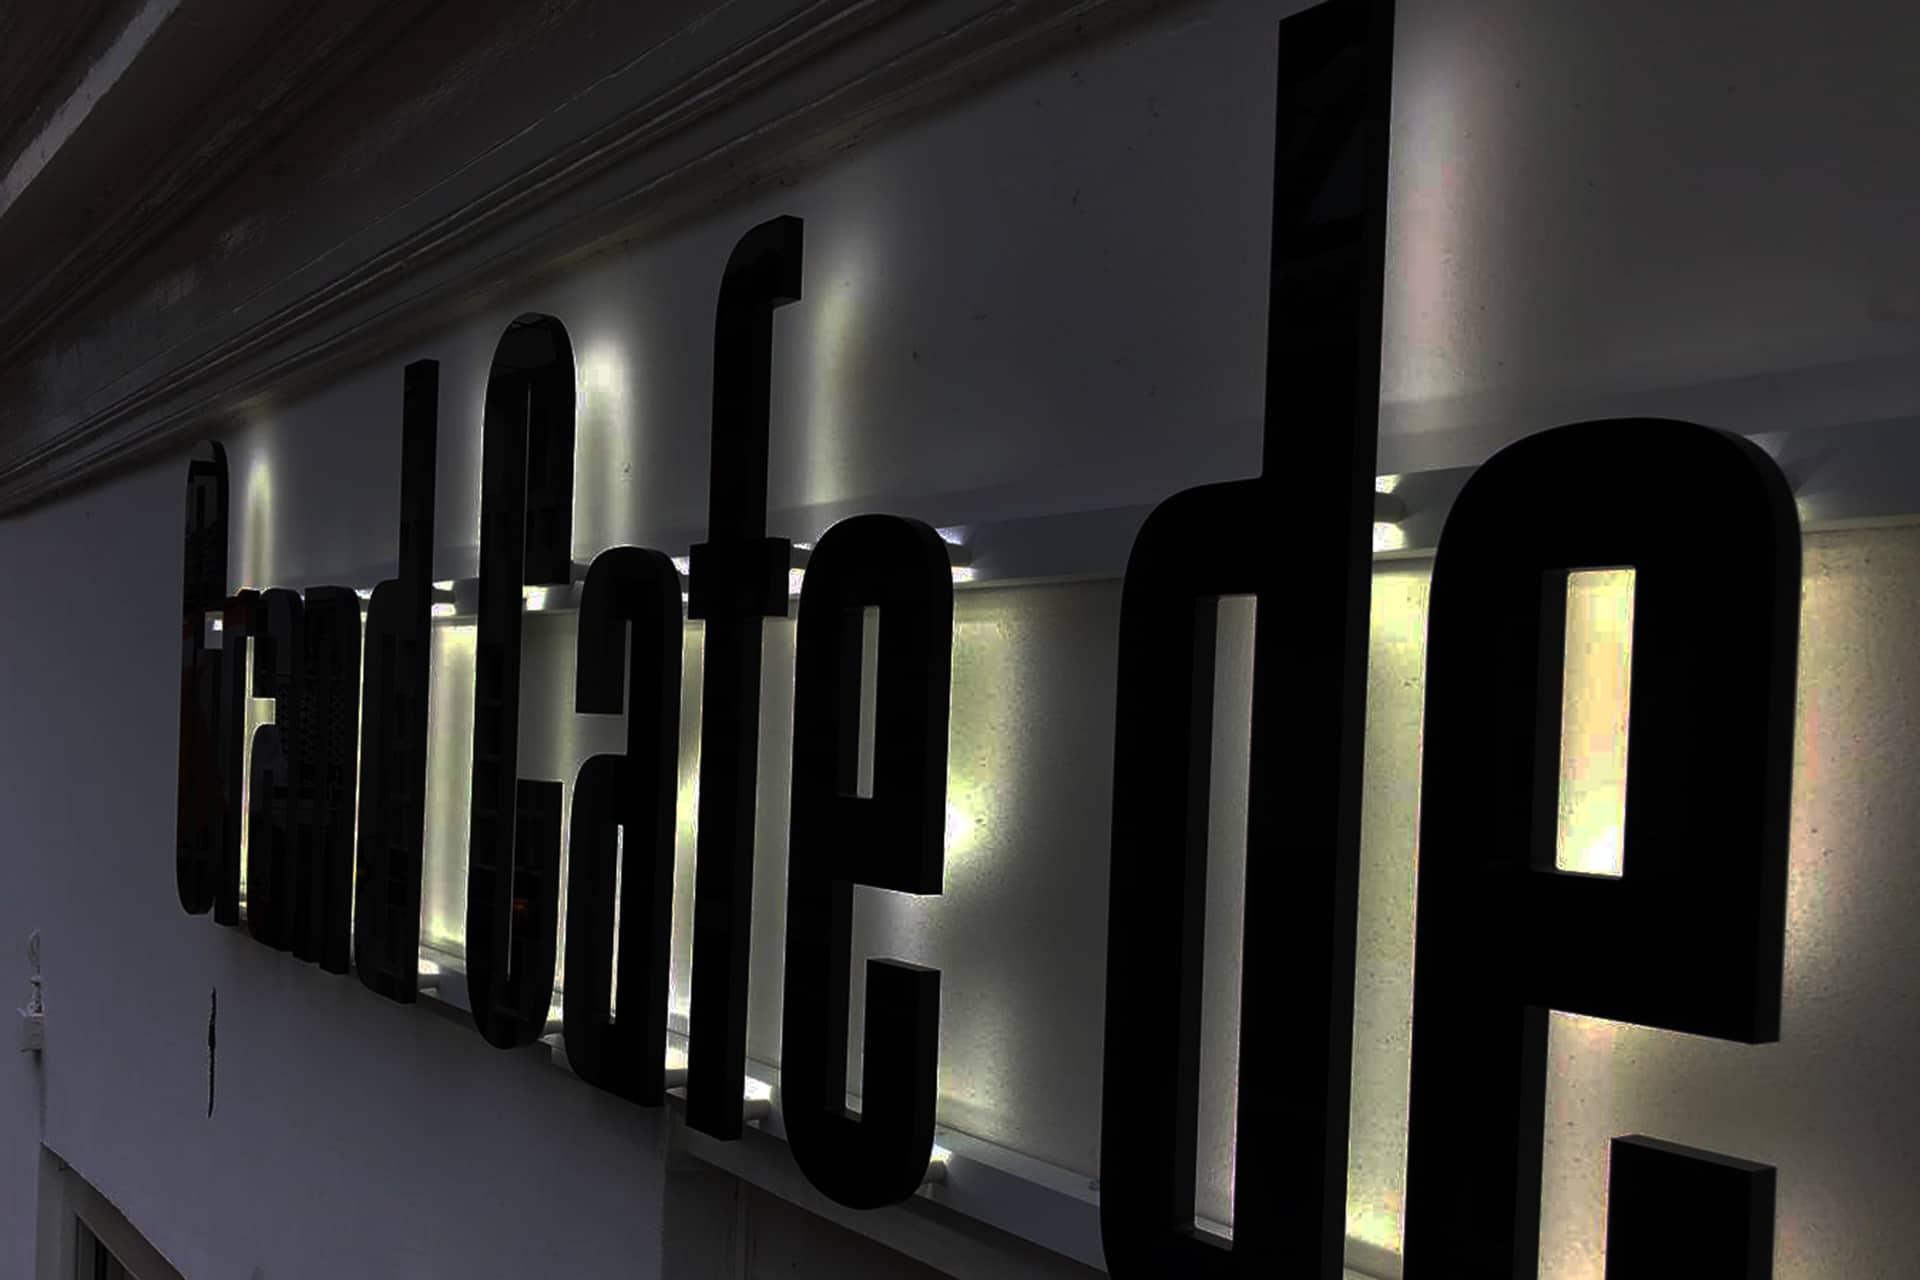 Moet jouw bedrijf ook in het donker opvallen? Gebruik lichtreclame!